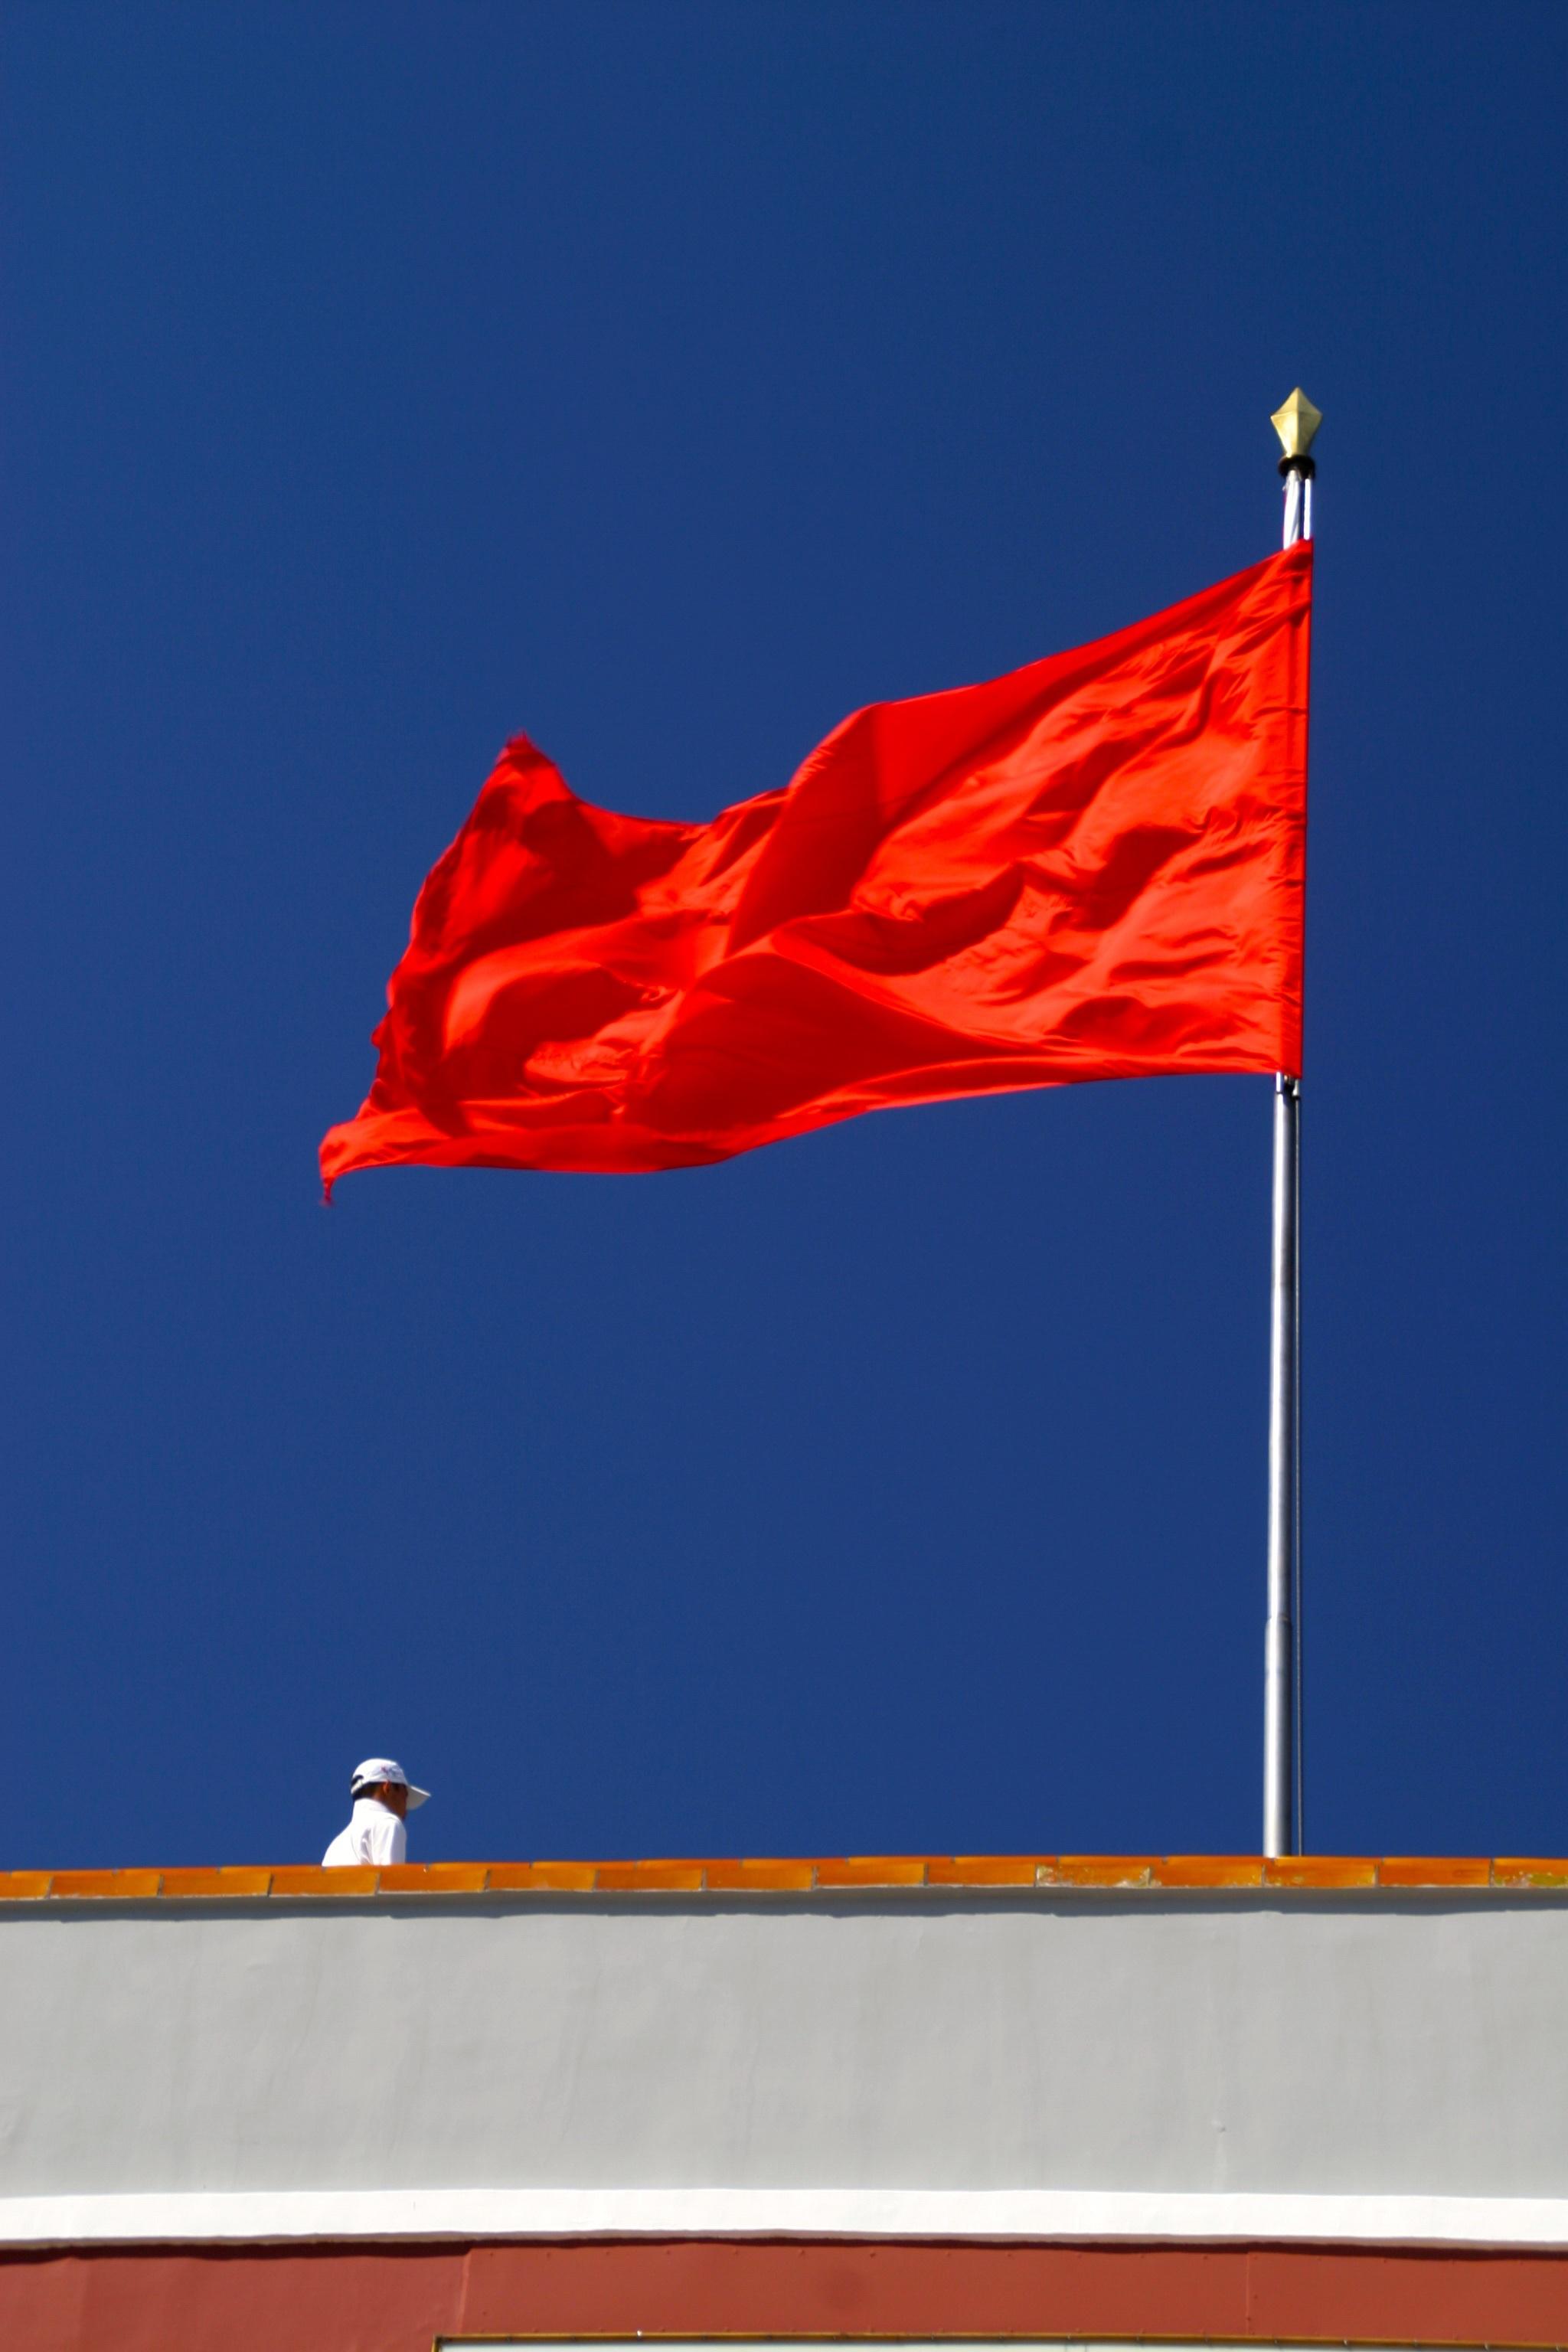 images gratuites m t de drapeau illustration drapeaux coup chine drapeau rouge. Black Bedroom Furniture Sets. Home Design Ideas